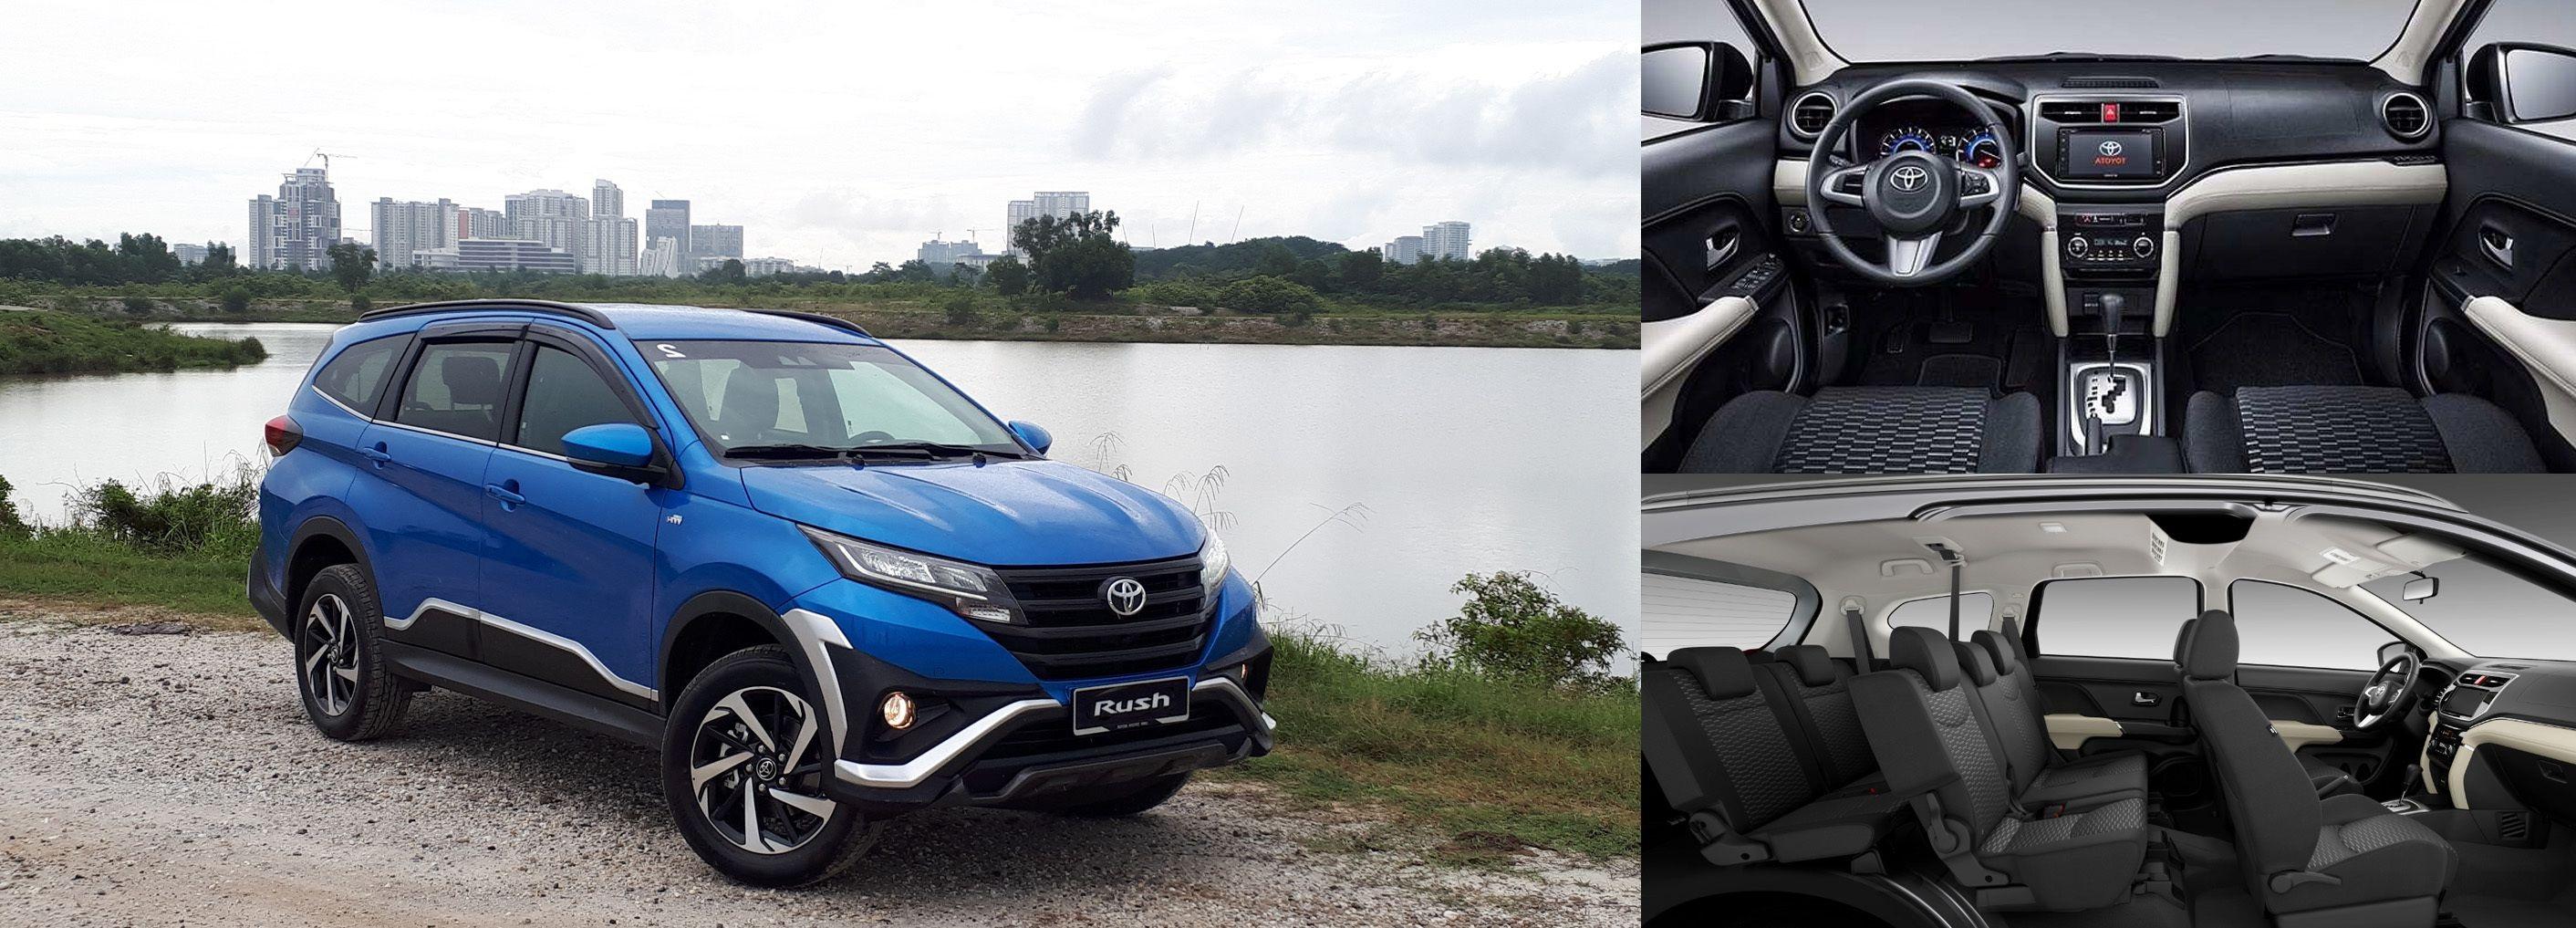 Mitsubishi Xpander chính thức vượt mặt Toyota Innova - 6